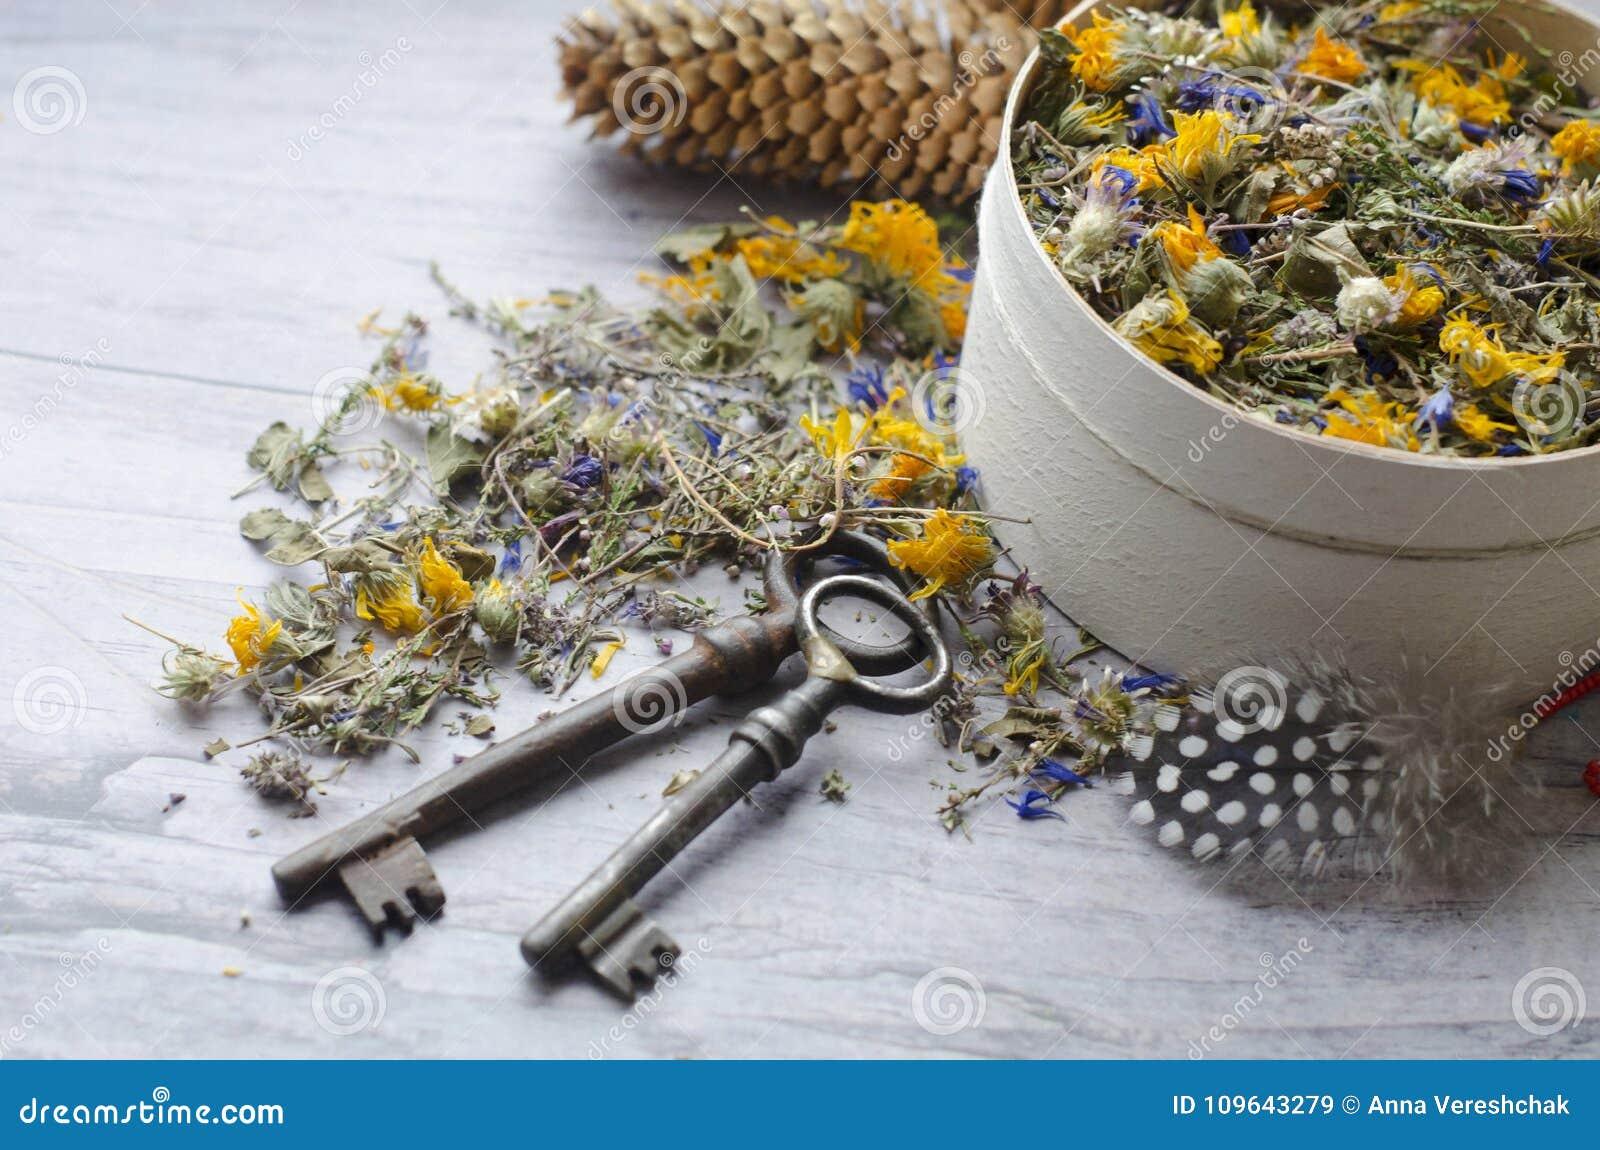 清凉茶用伊冯茶、矢车菊、金盏草、石南花和麝香草 健康和长寿的钥匙